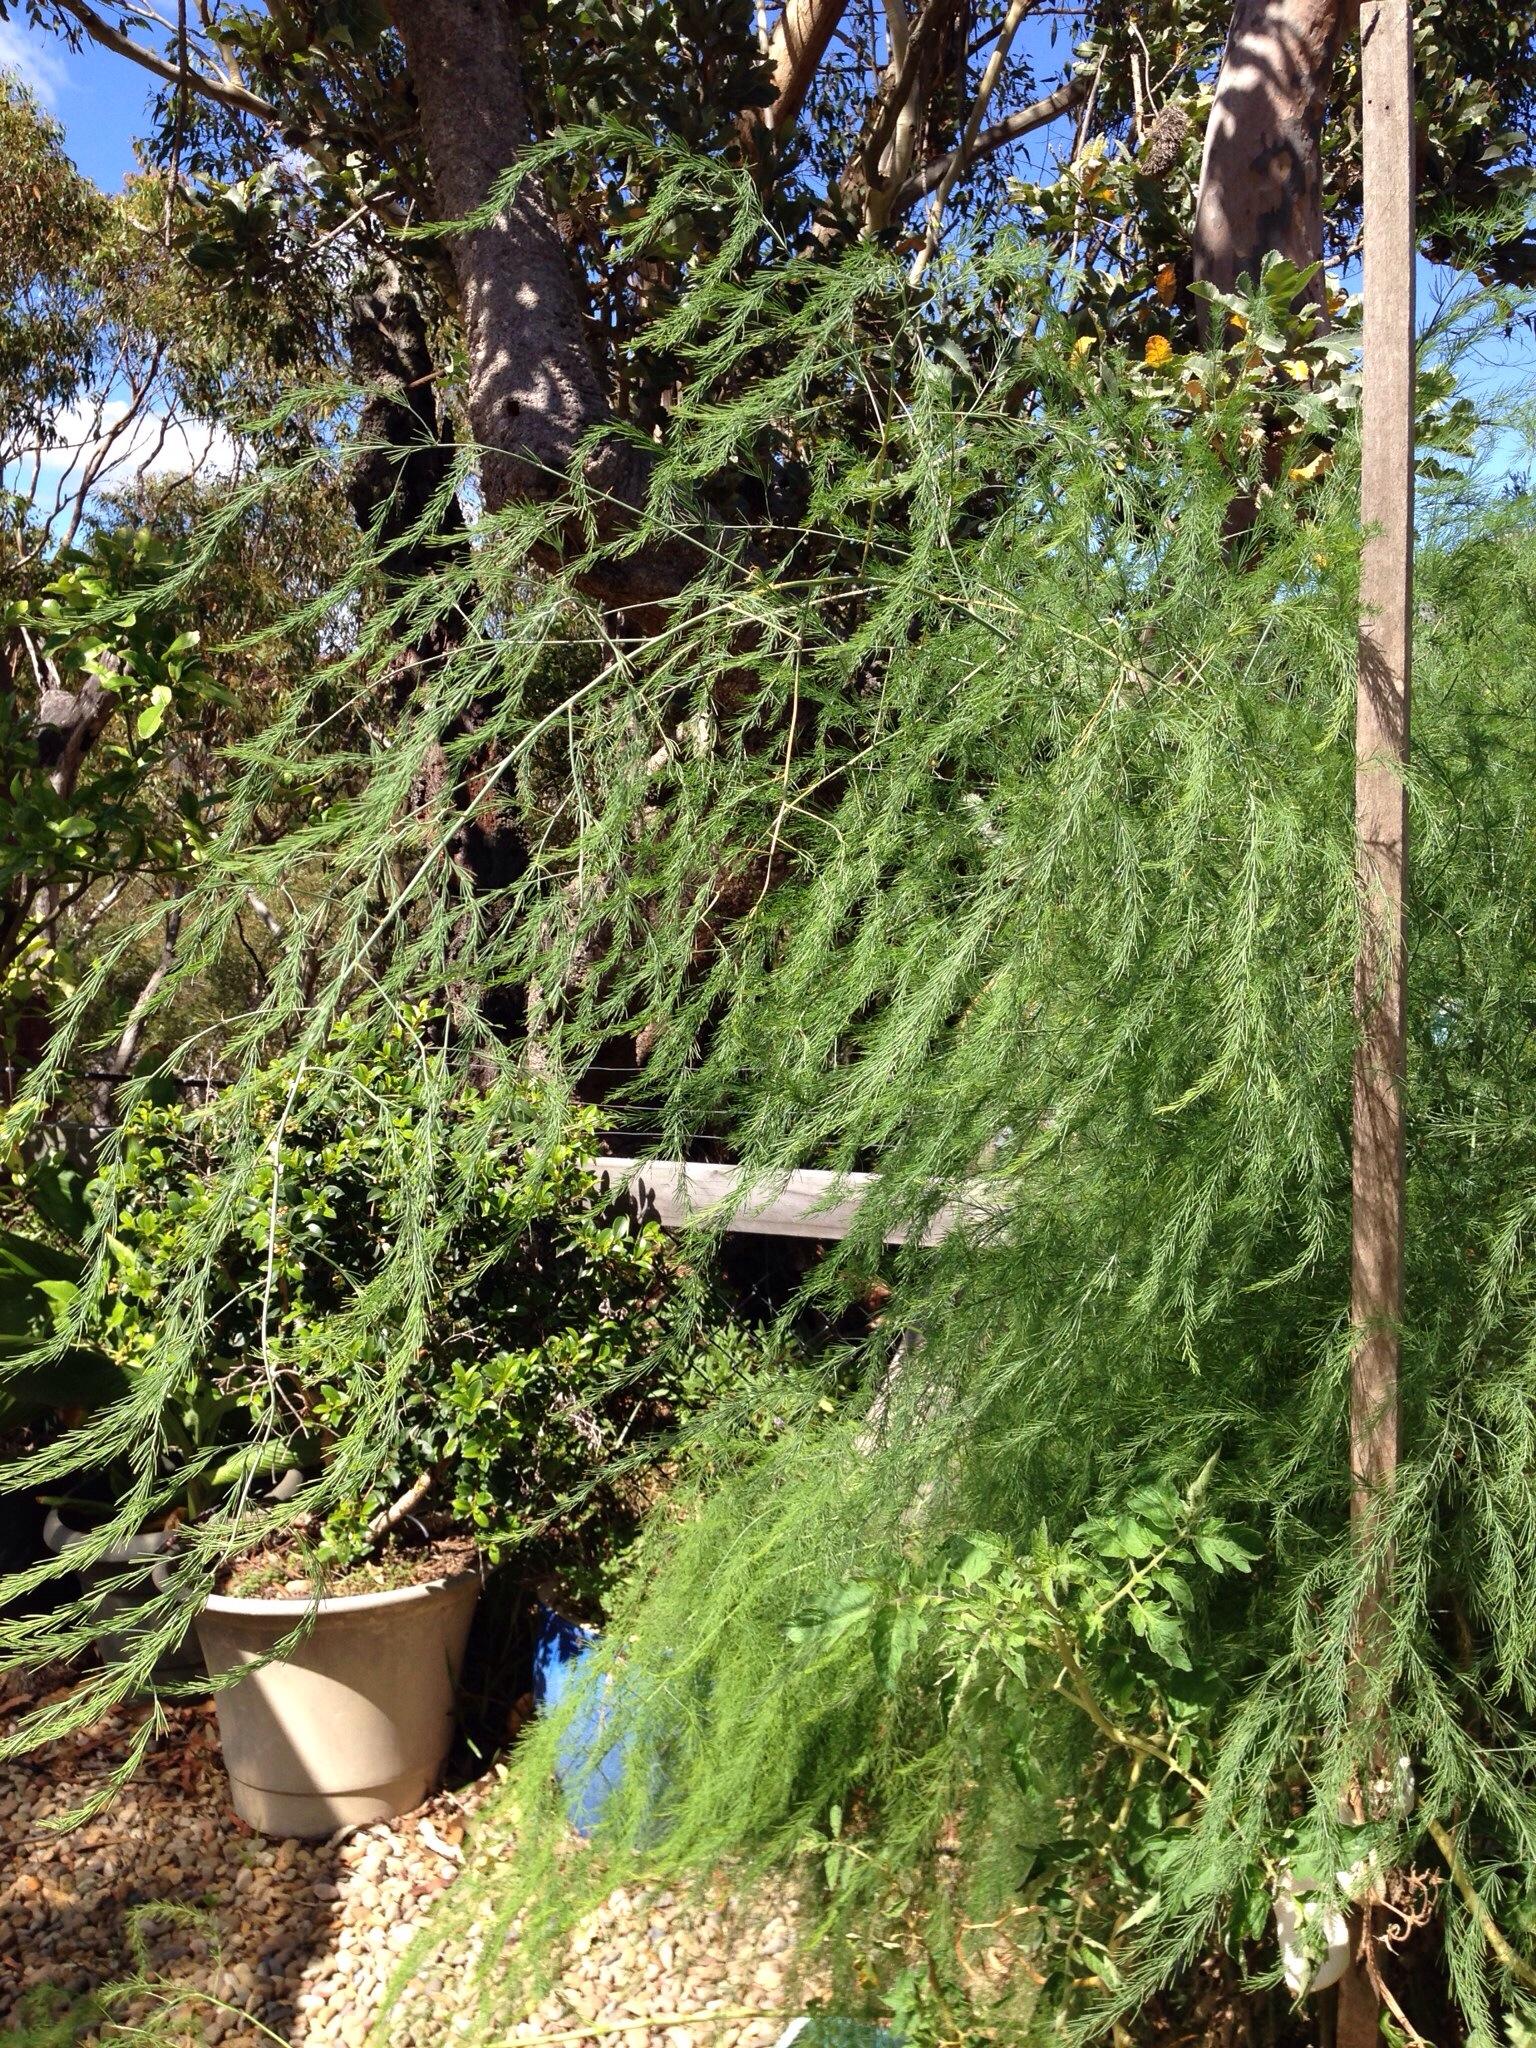 Ferny Asparagus foliage